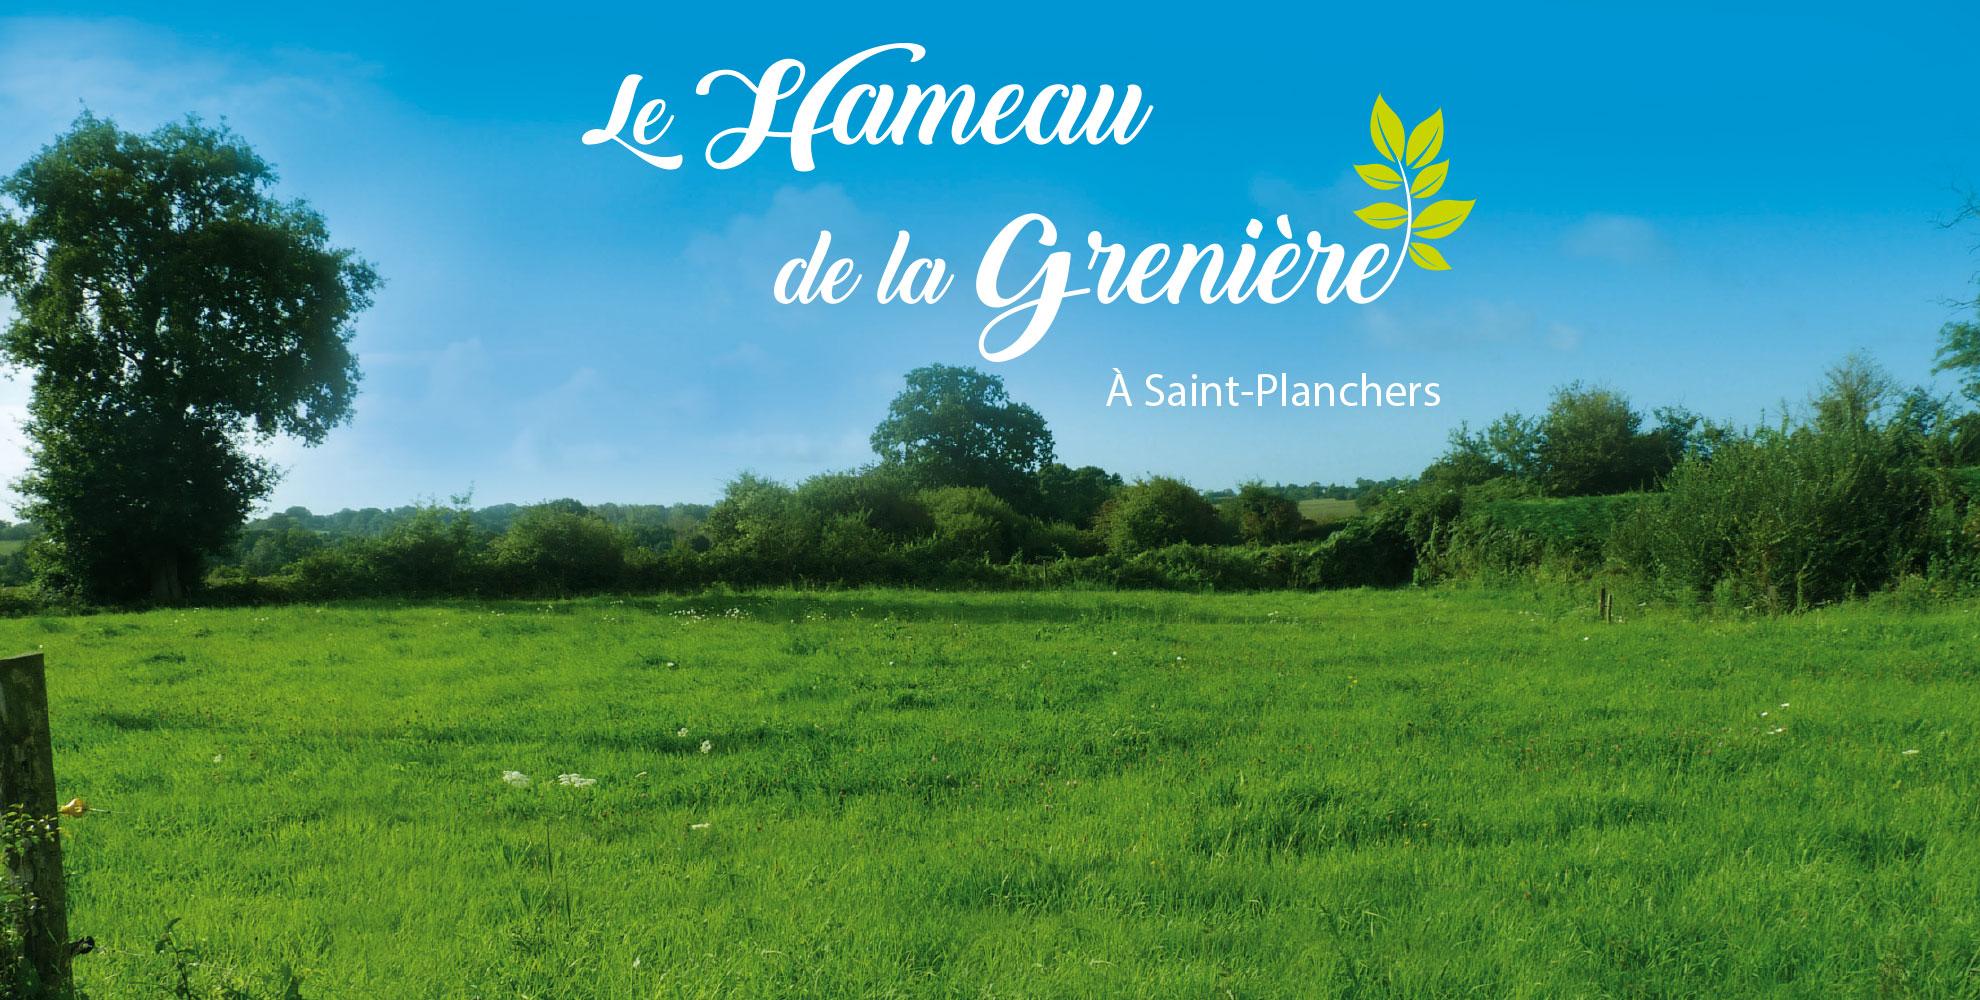 Terrain-saint-planchers-granville-Manche